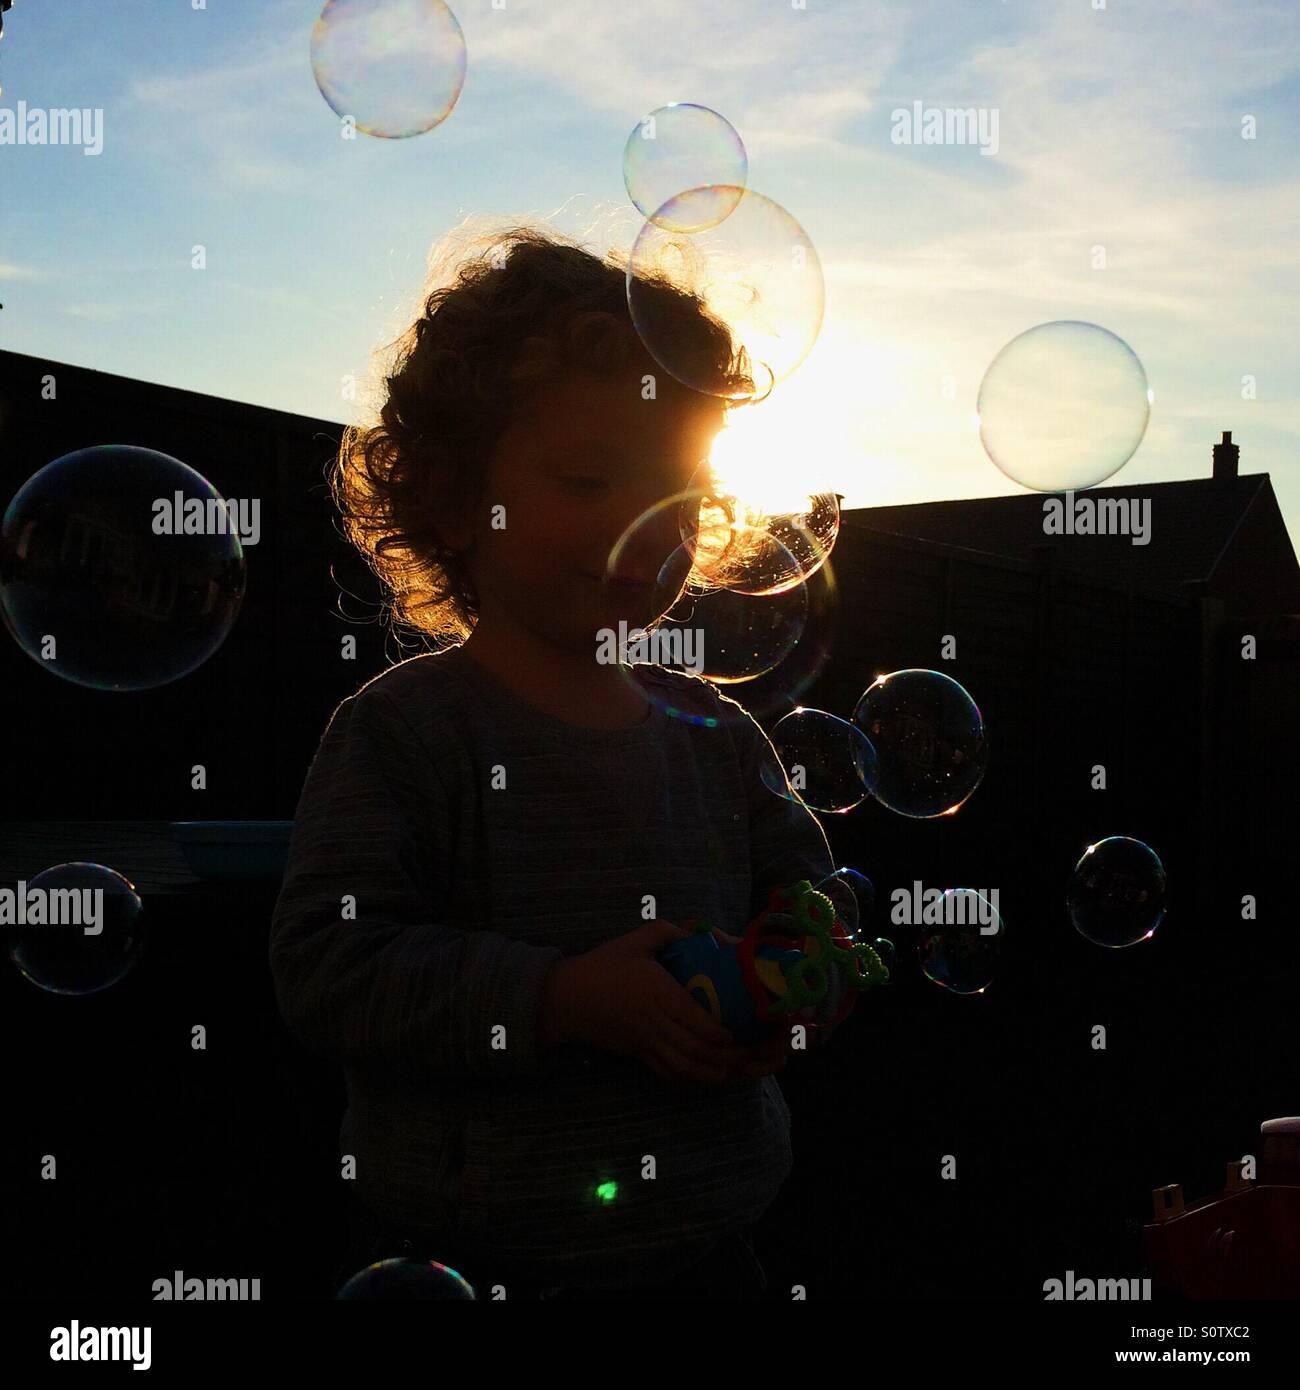 Siluetas de niño jugando con burbujas en el jardín Imagen De Stock